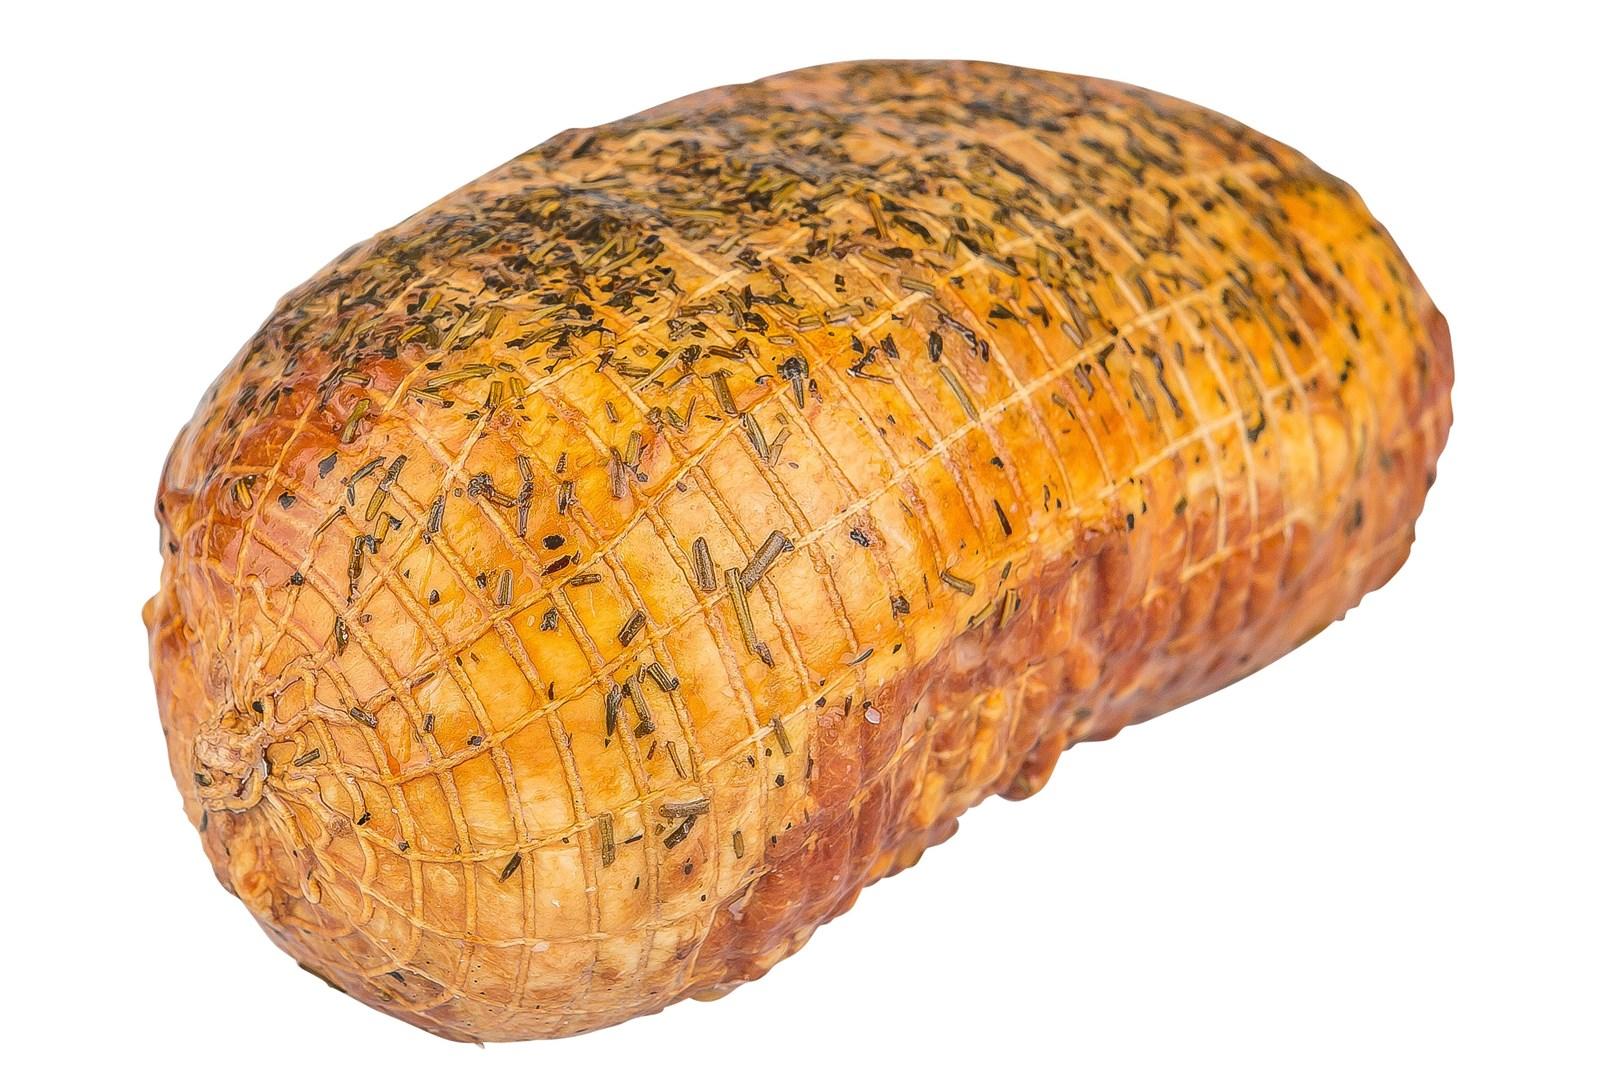 Productafbeelding Gekookte gerookte lamsham gekruid